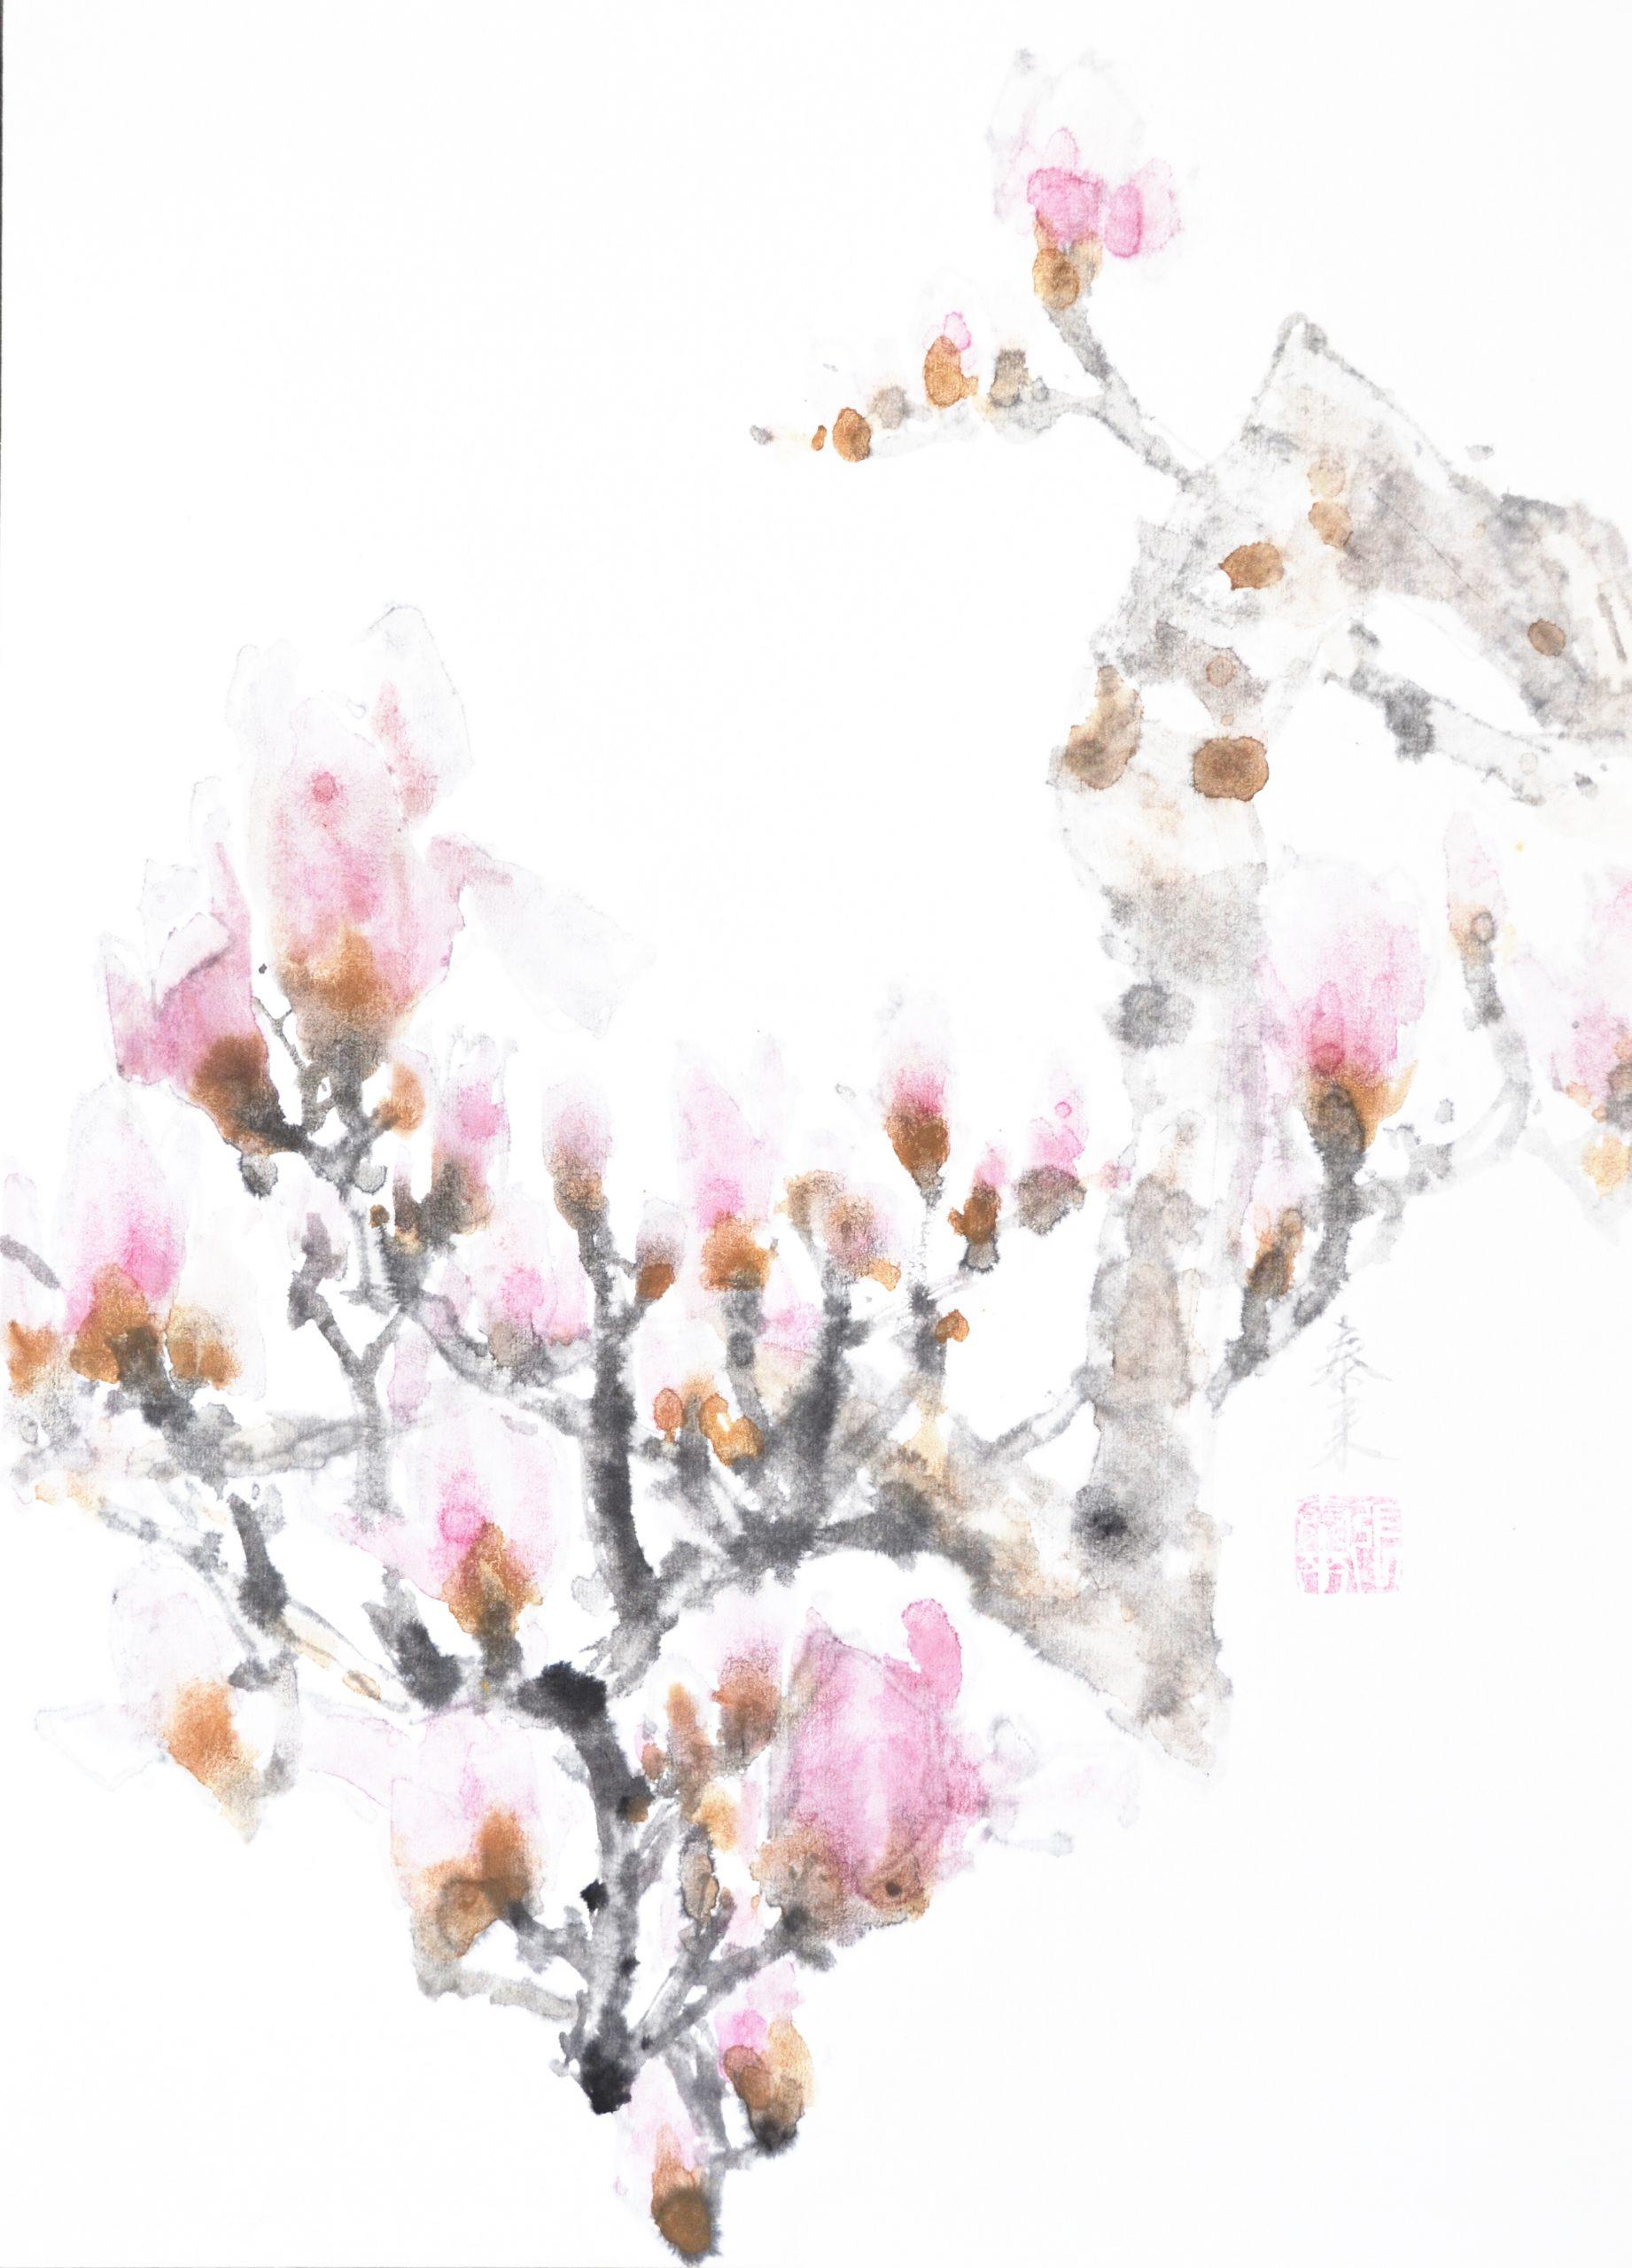 magnolia magnolie chinese japanese ink sumie painting chinesische japanische Tusche Zeichnung Malerei Kunst